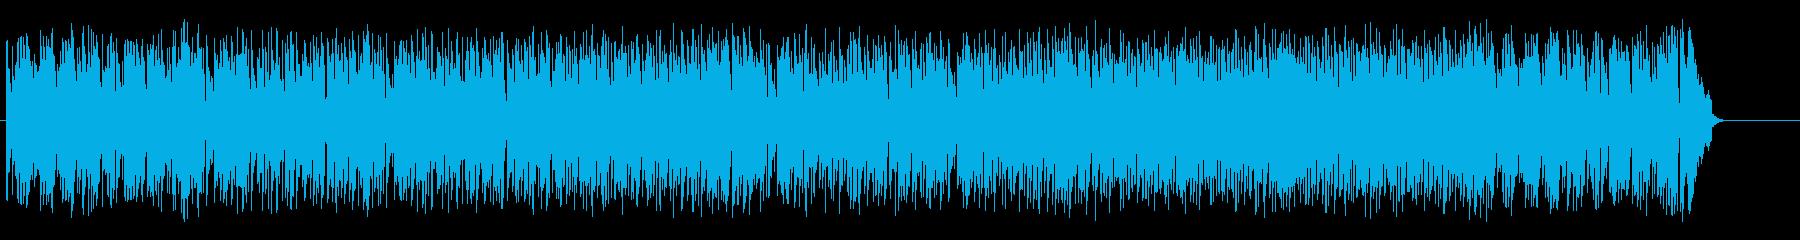 青空が爽快な交通情報向けフュージョンの再生済みの波形